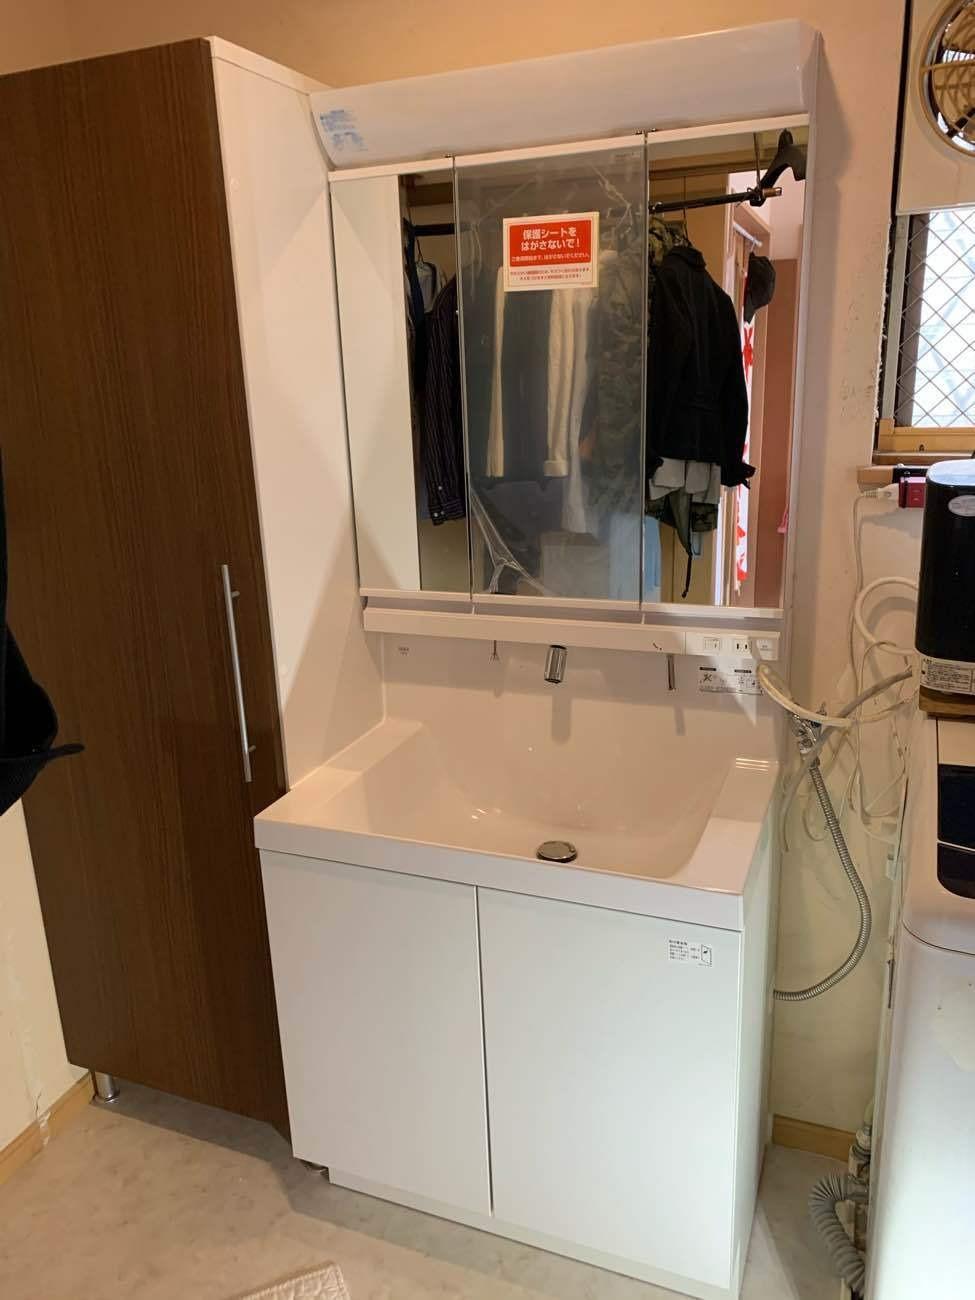 枚方市 K様邸 洗面化粧台・トイレ入れ替え工事画像1